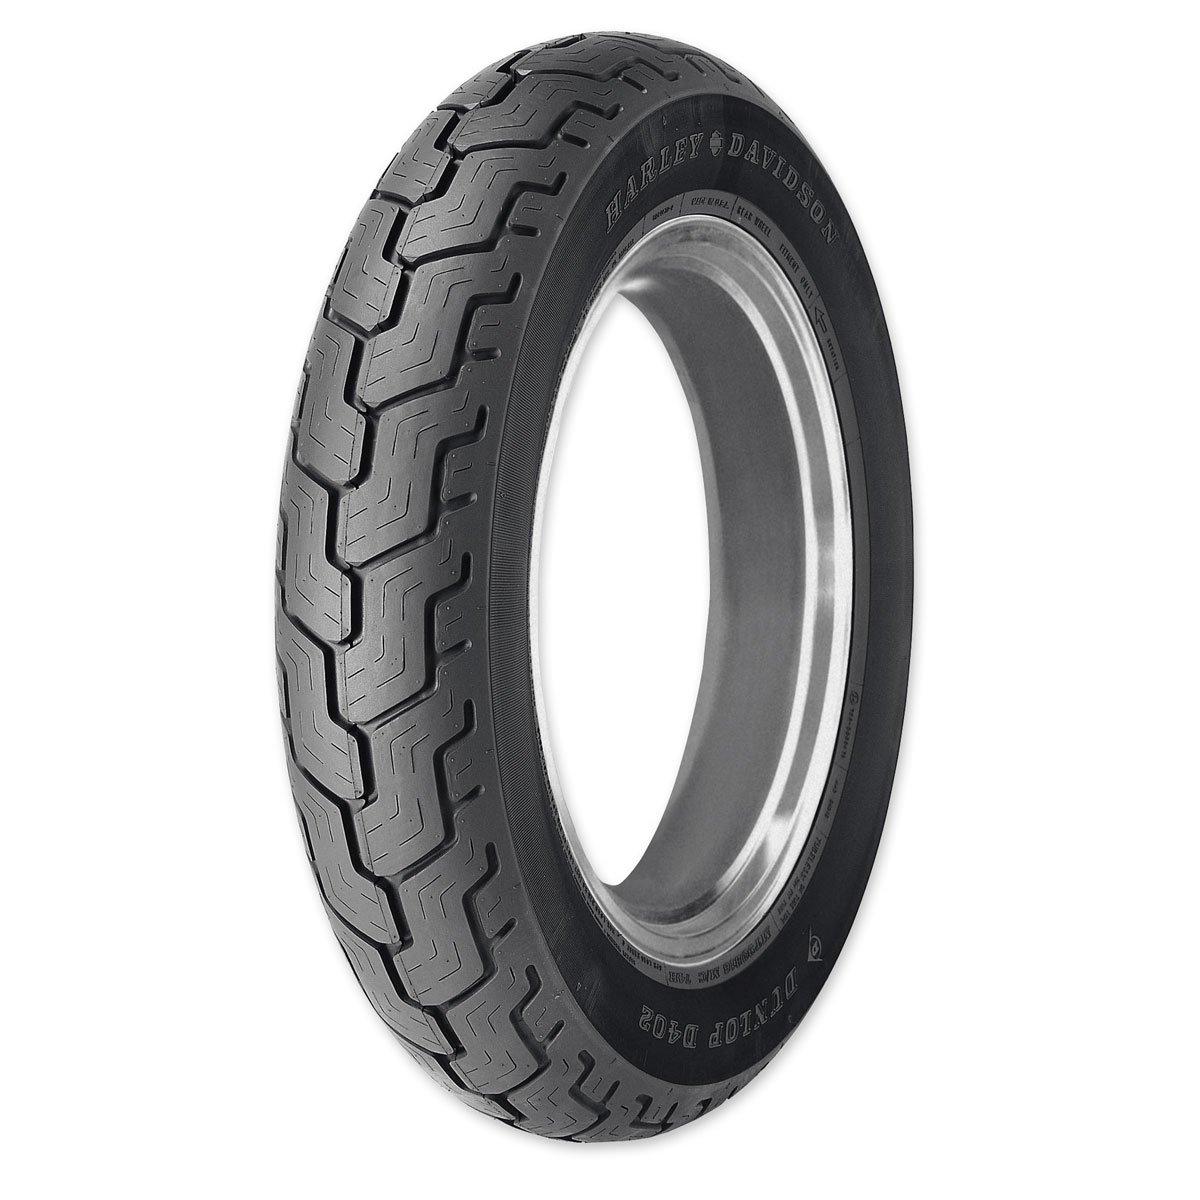 Dunlop D402 For Harley-Davidson MU85B16 Rear Tire